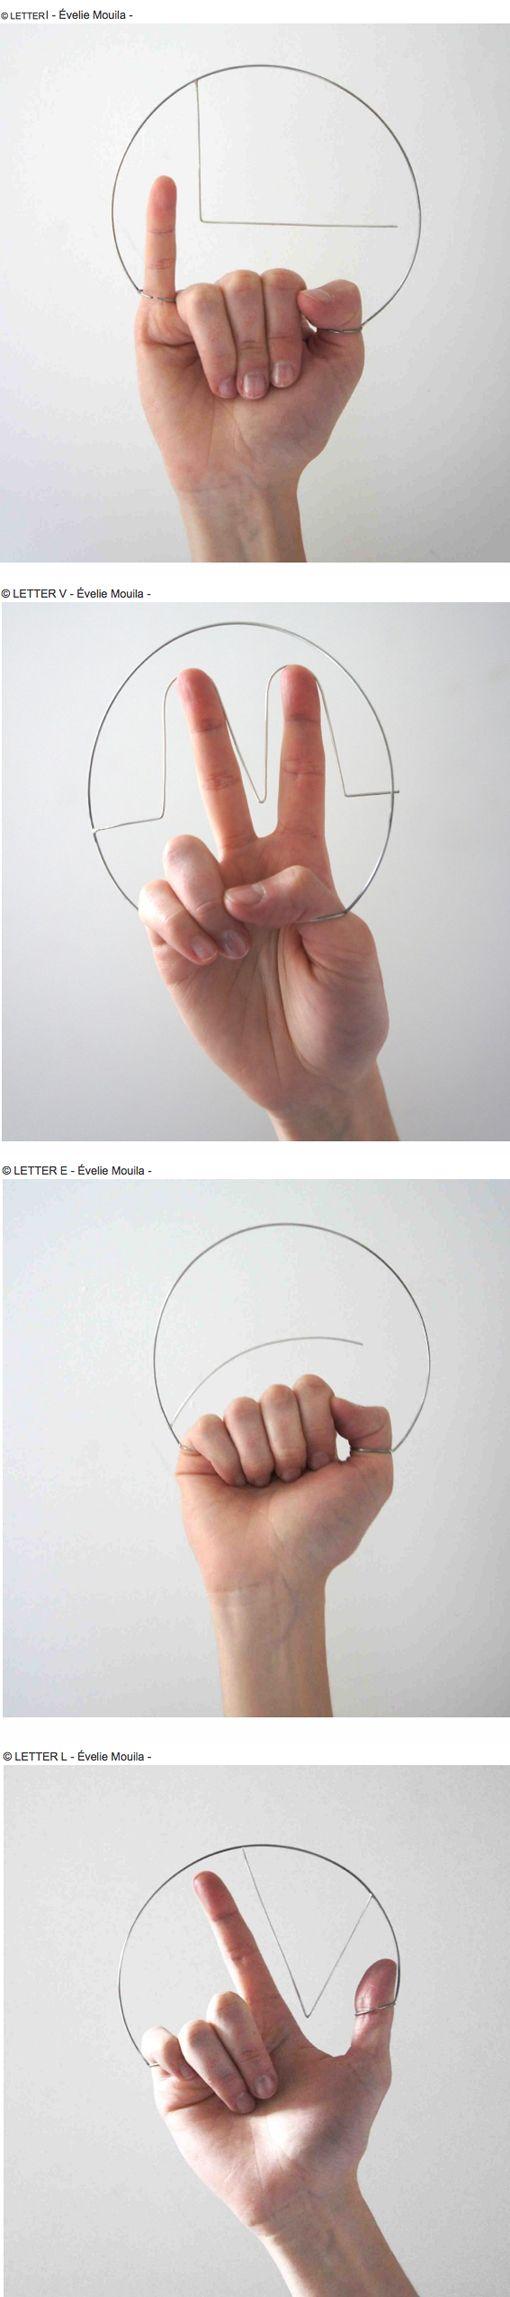 """Évelie Mouila se inspira en el lenguaje de señas en estas 4 """"piezas de mano""""  En esta colección Évelie Mouila explora la idea de que la joyería ya no tiene que adaptarse al espacio del cuerpo, en cambio es el cuerpo el que tiene que adaptarse al espacio de la joyería."""